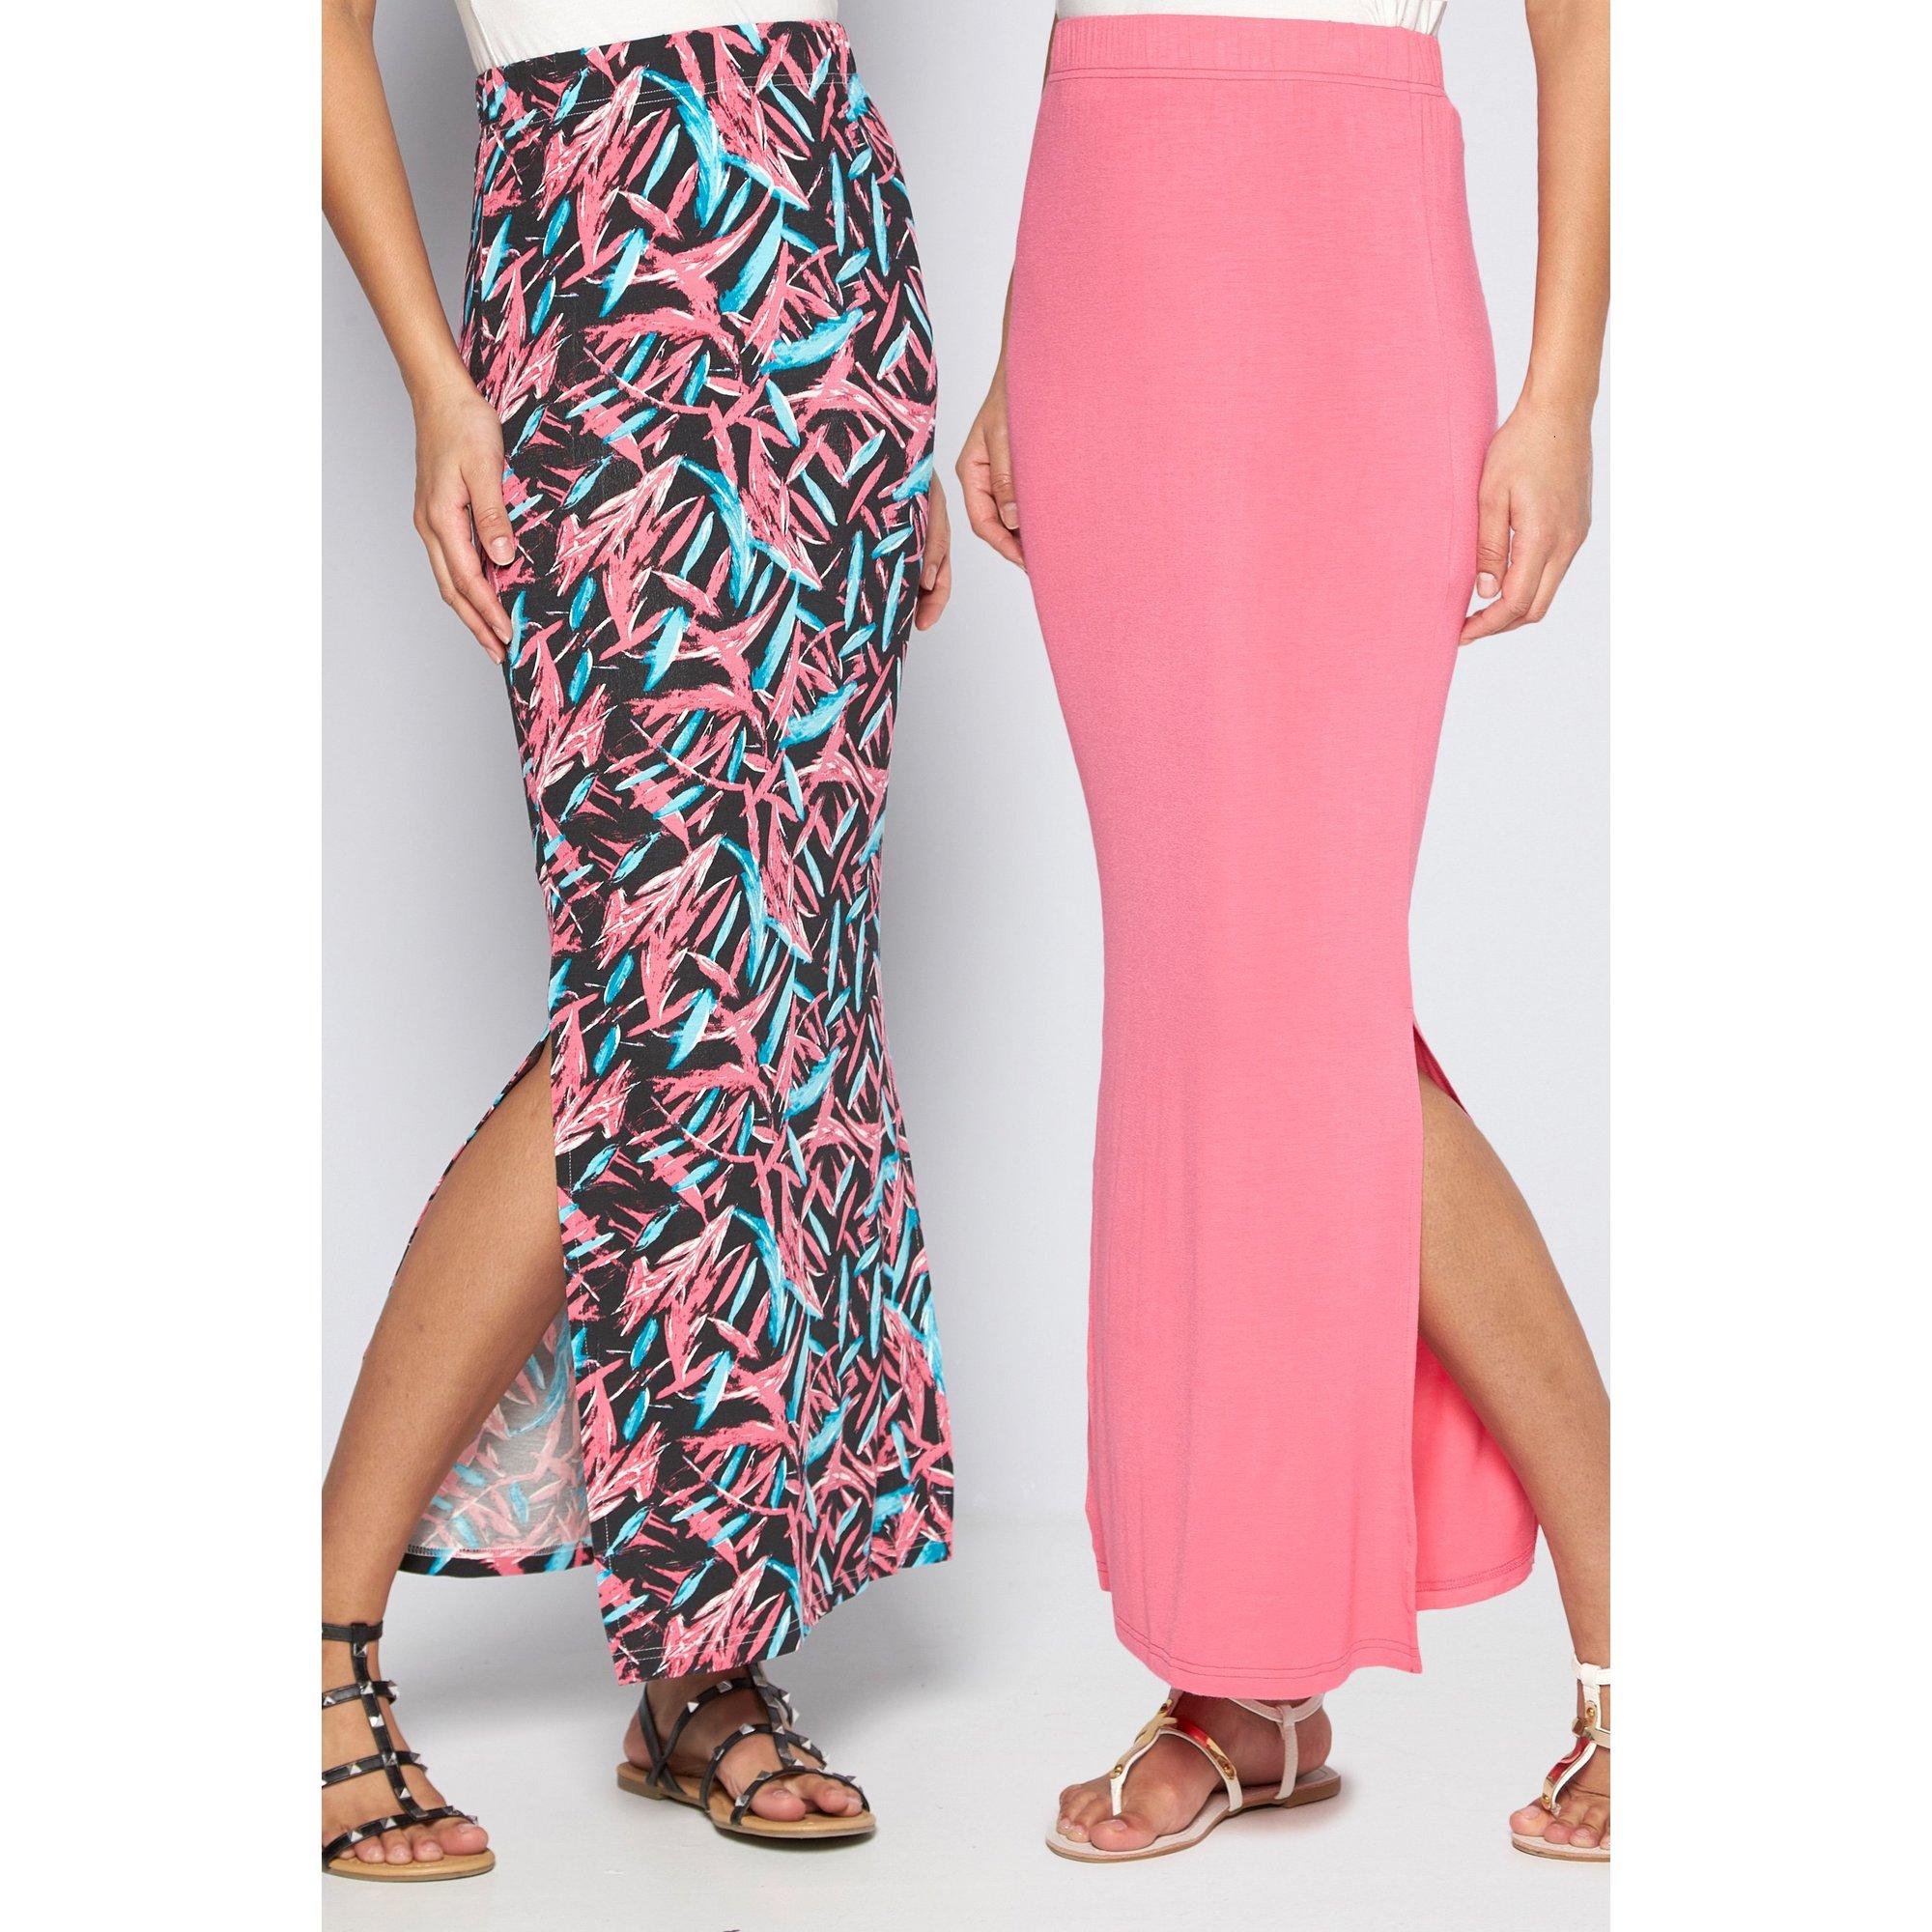 Image of Pack of 2 Leaf Print Side Split Maxi Skirts